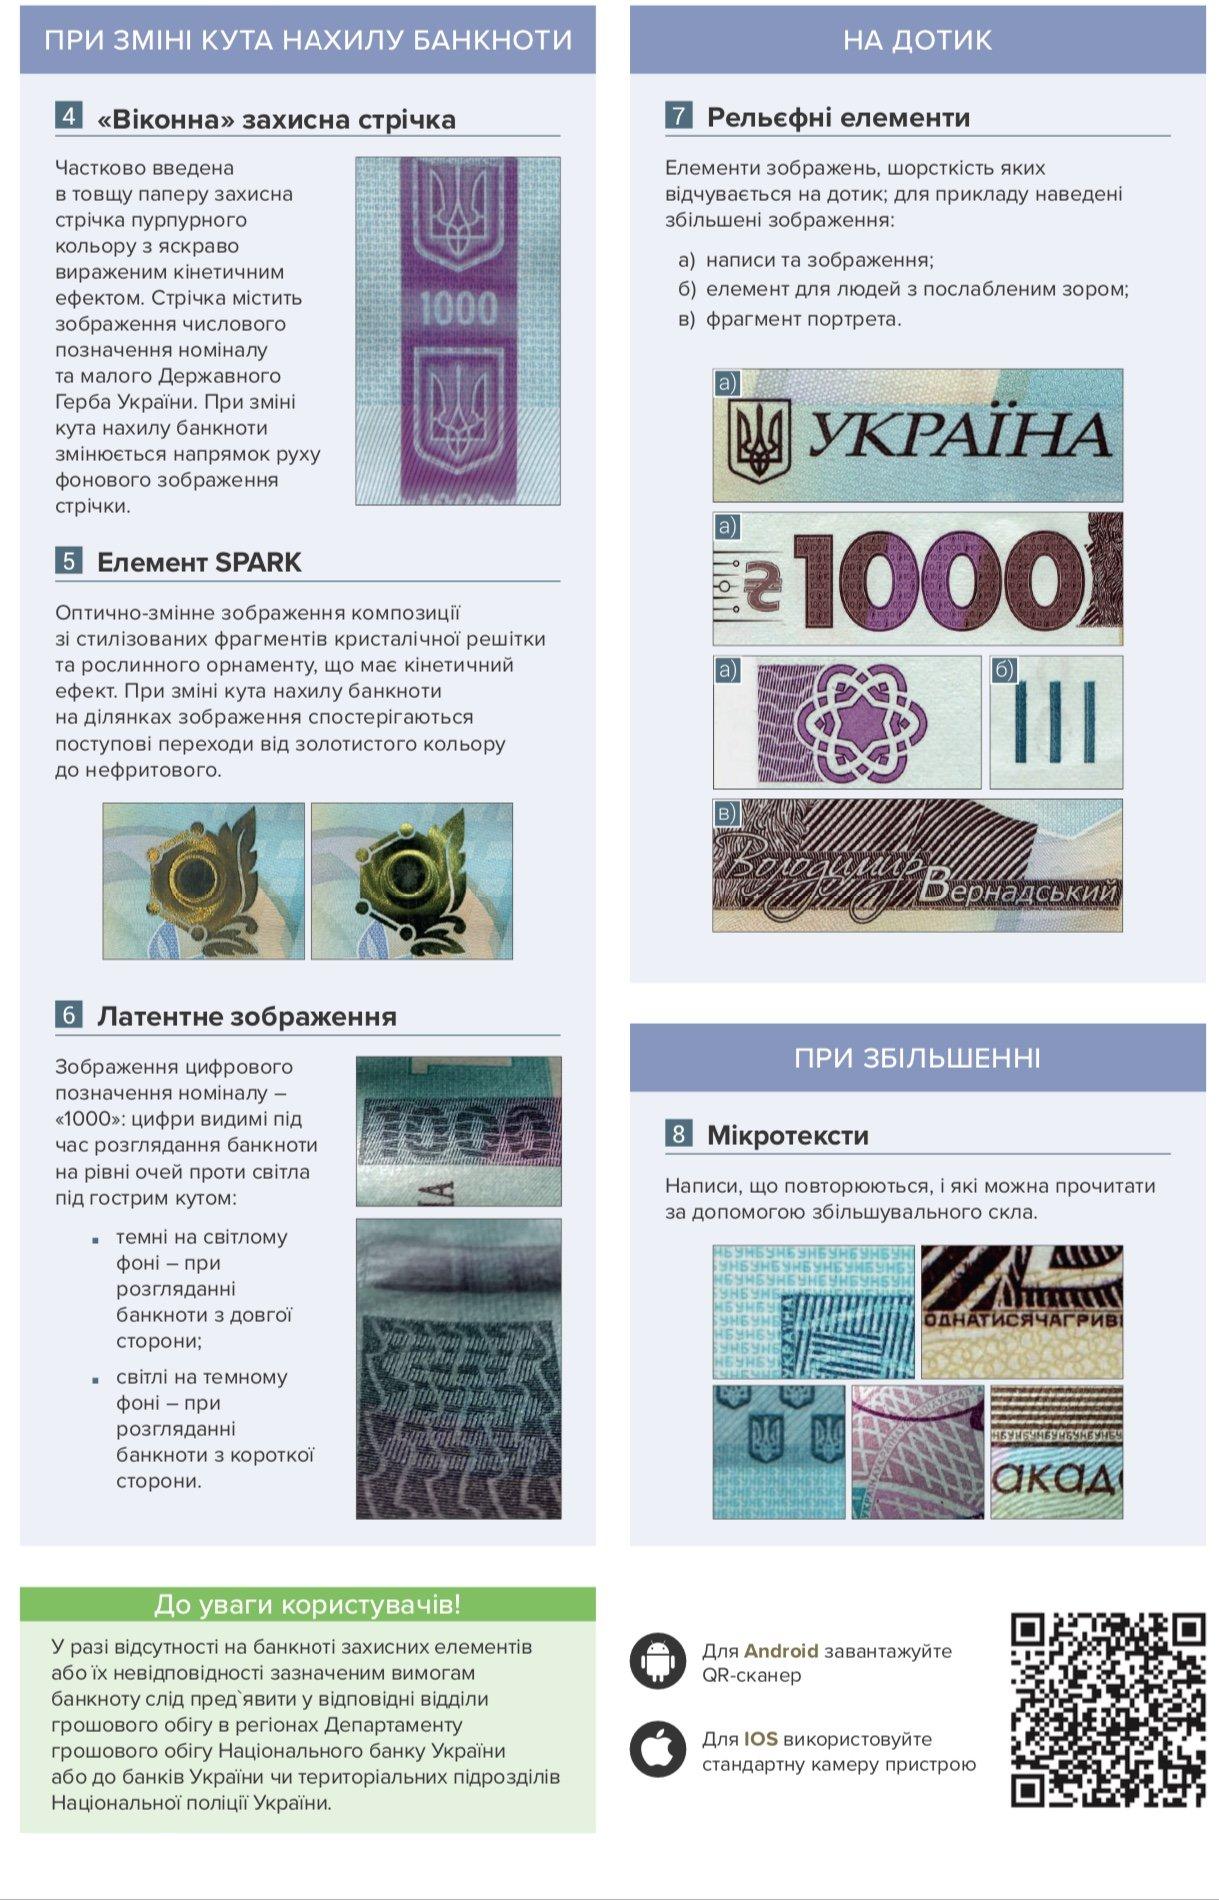 В Украине ввели в оборот 1000 гривен: как распознать подделку и реакция соцсетей, - ФОТО, фото-7